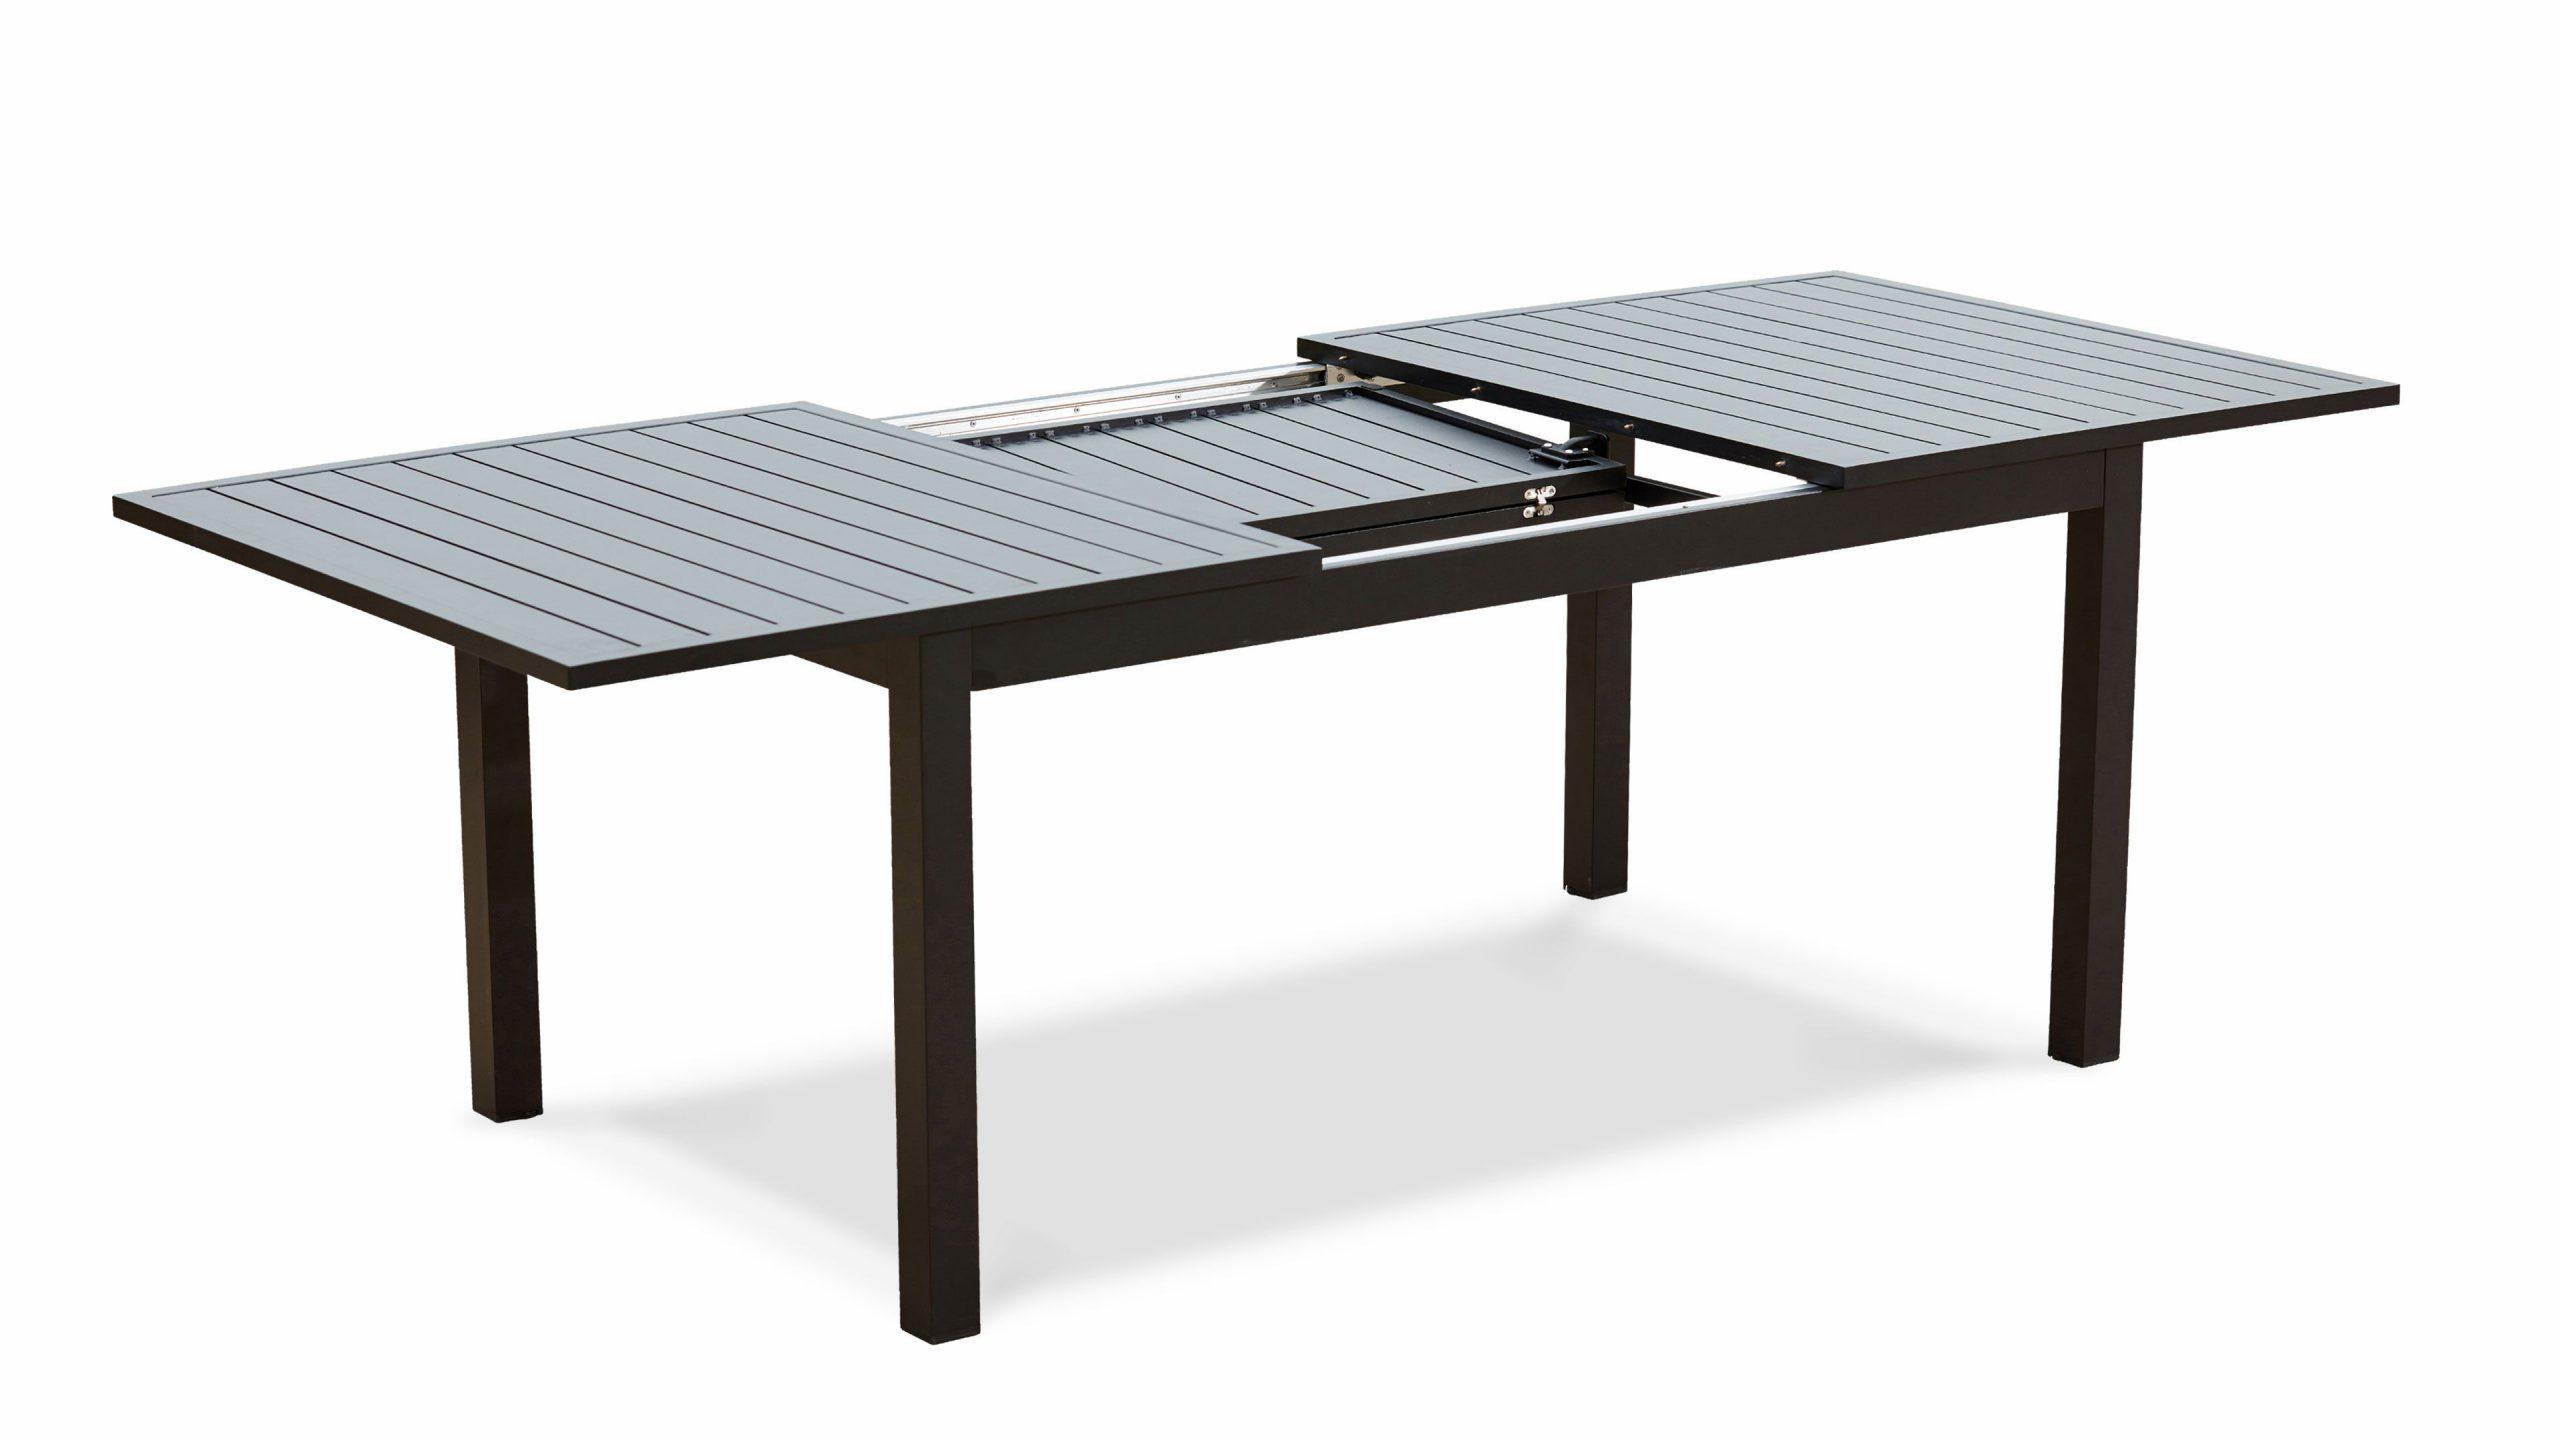 Table Jardin Extensible Rallonge 174/238 Cm Aluminium pour Table De Jardin Design Pas Cher